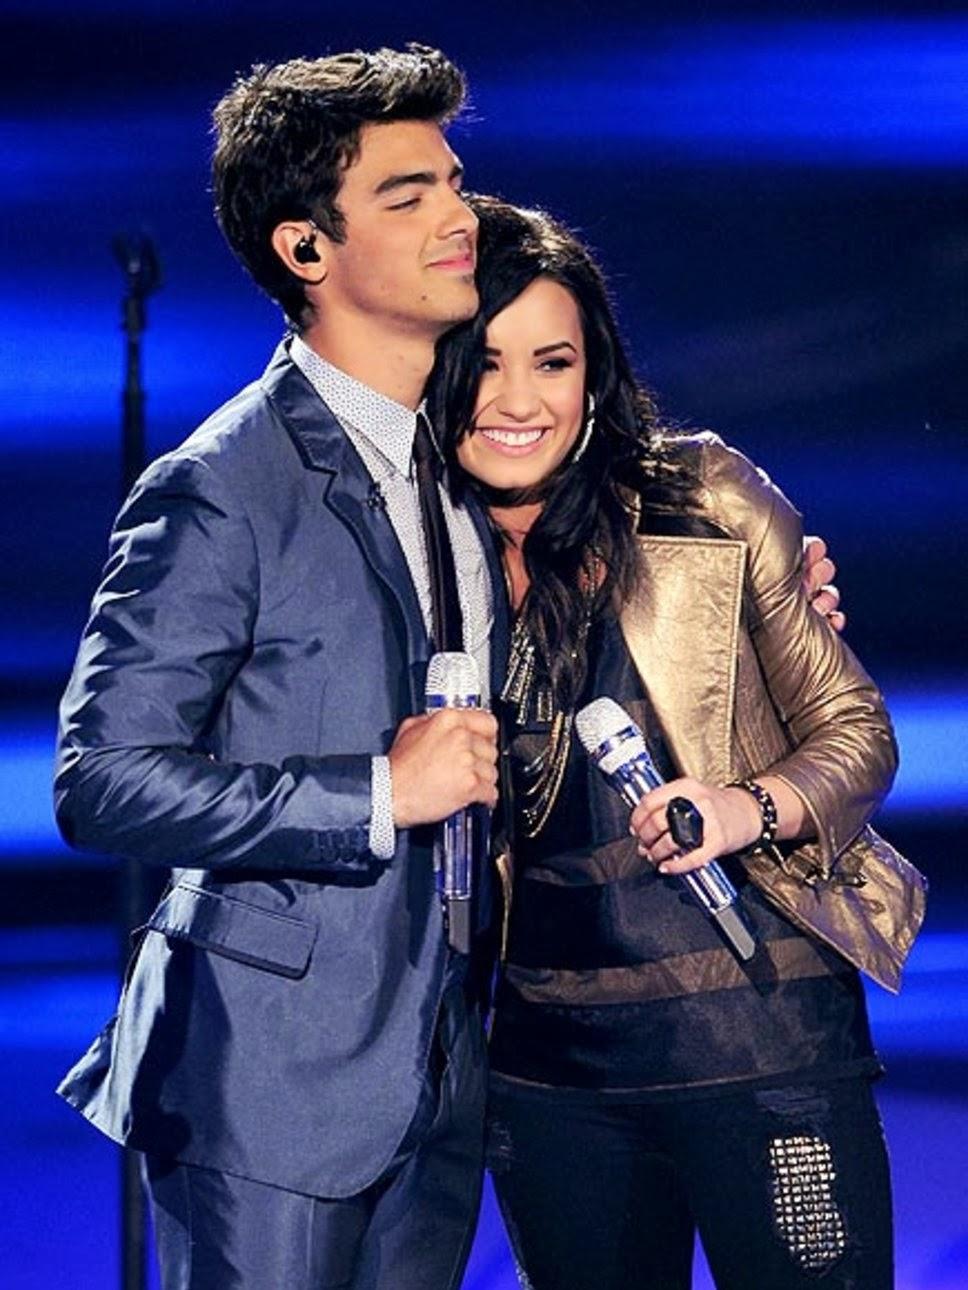 Demi Lovato no recuerda haber fumado marihuana con Joe JonasJoe Jonas 2010 Photoshoot